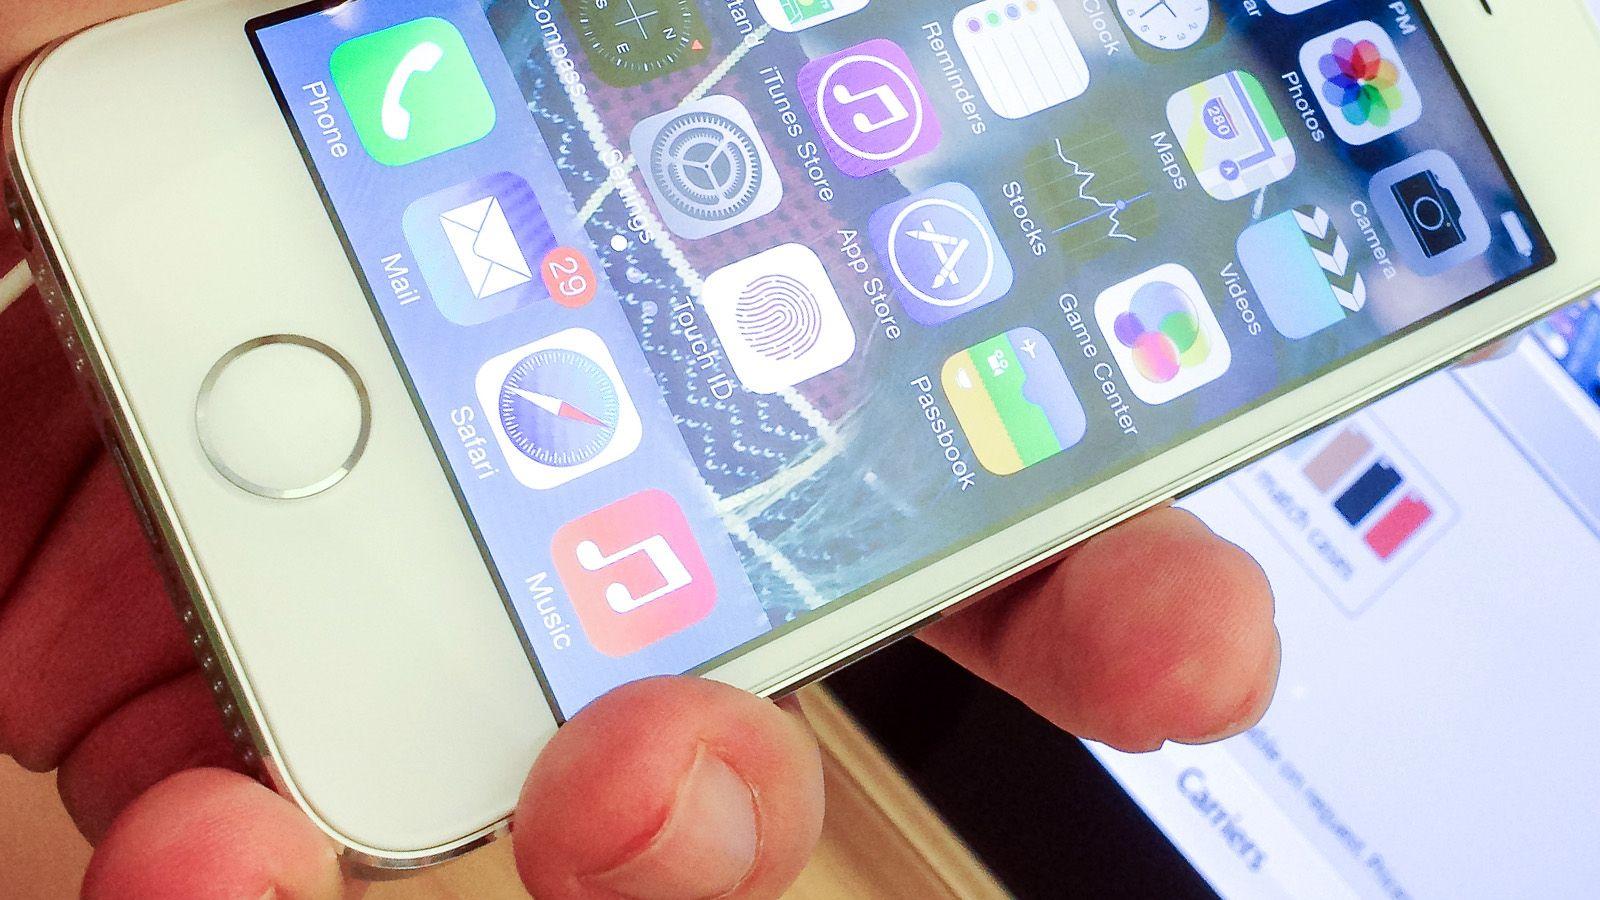 iPhone-brukere er mest aktive på Internett